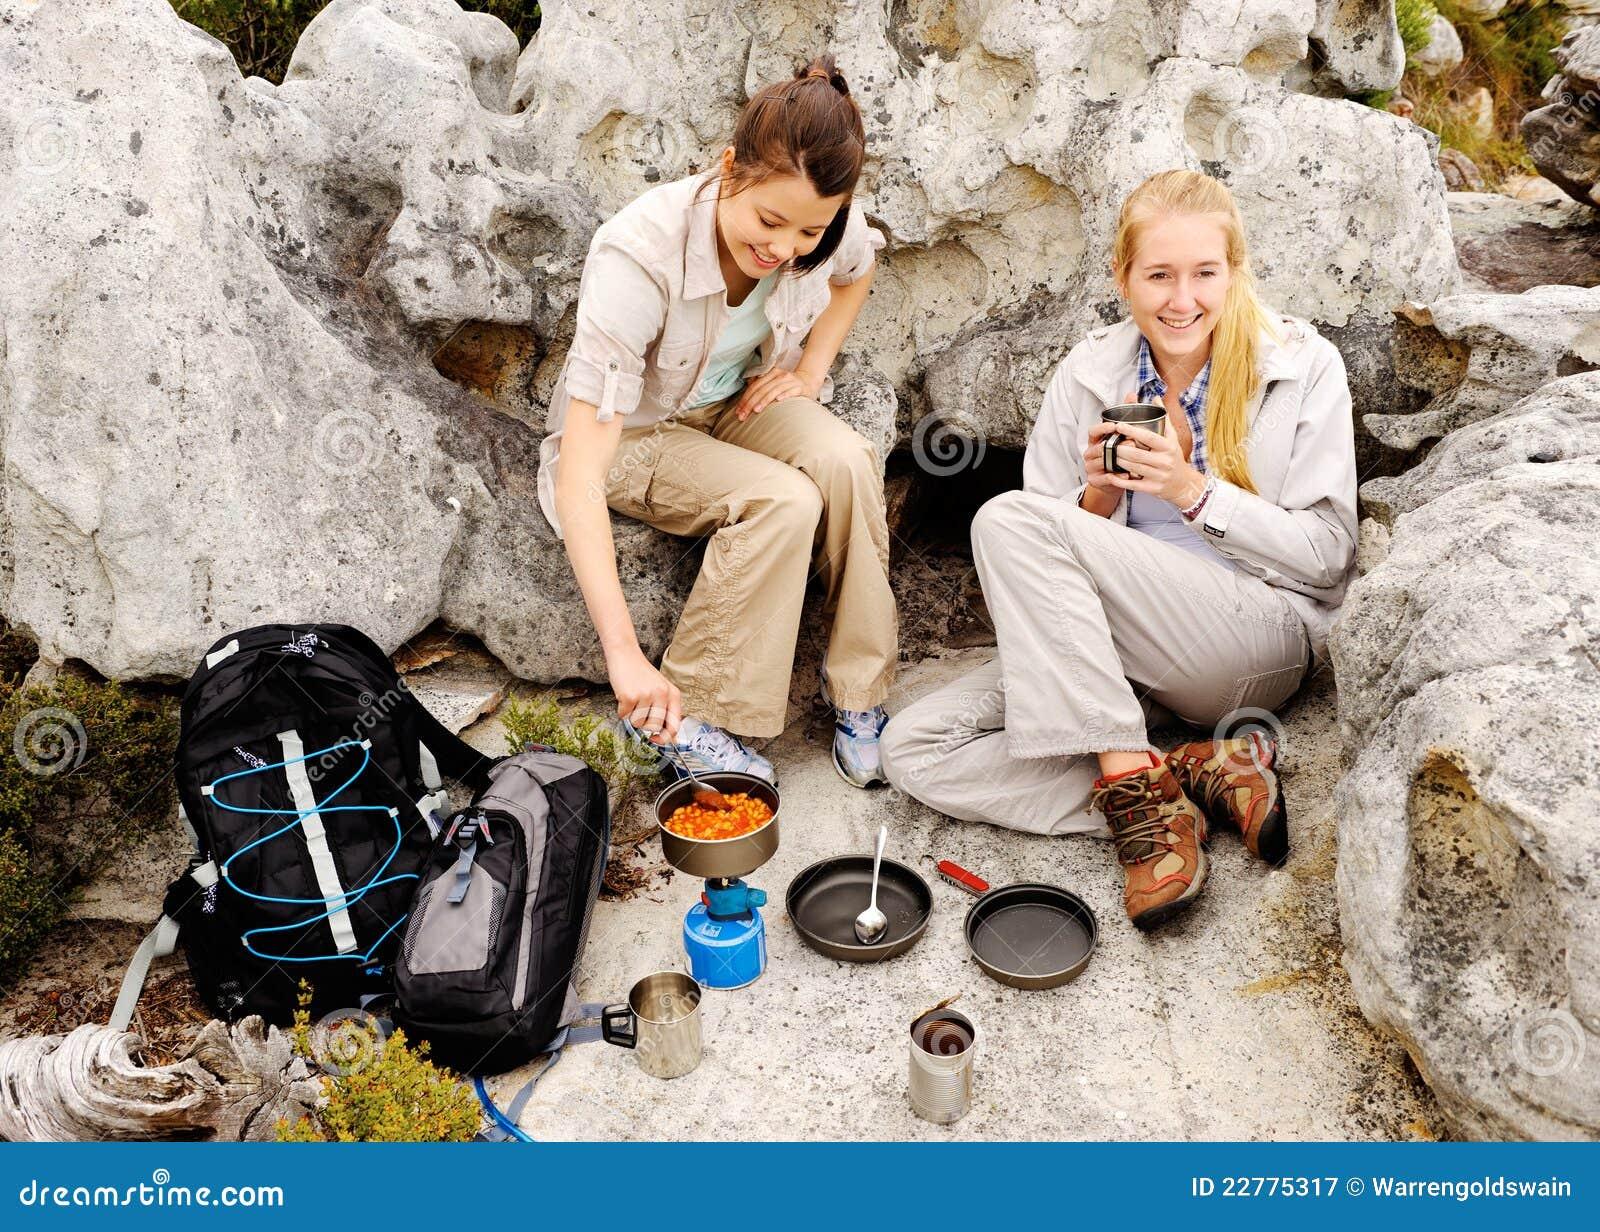 Zwei junge Frauen bereitet etwas vor zu essen